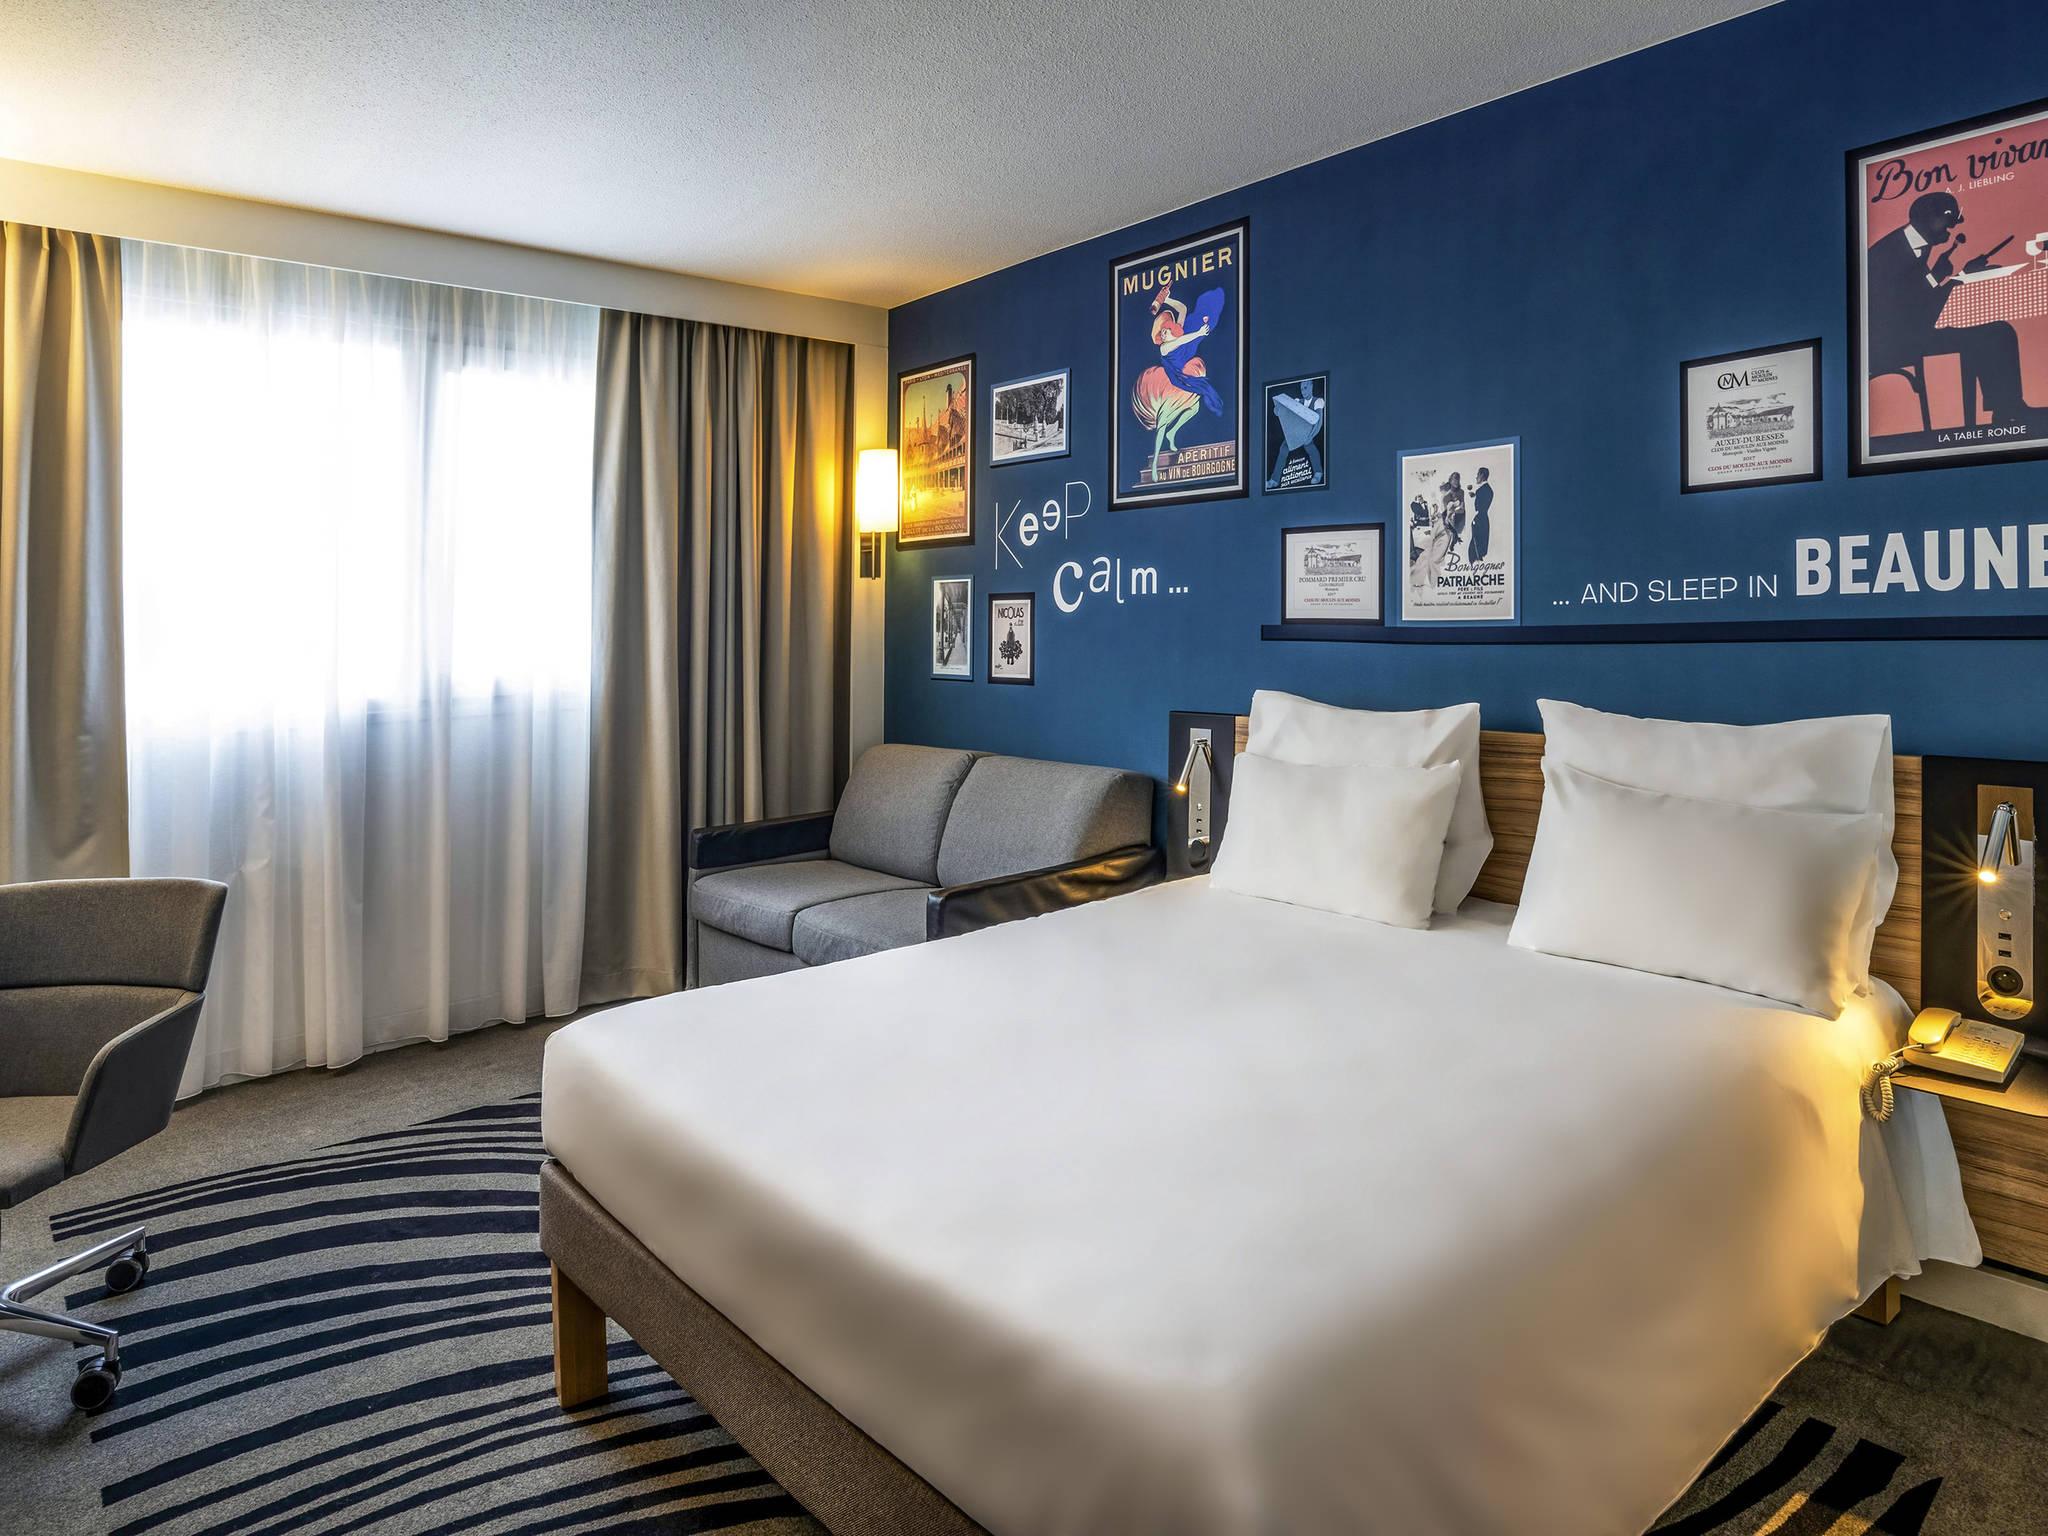 Hotel - Novotel Beaune